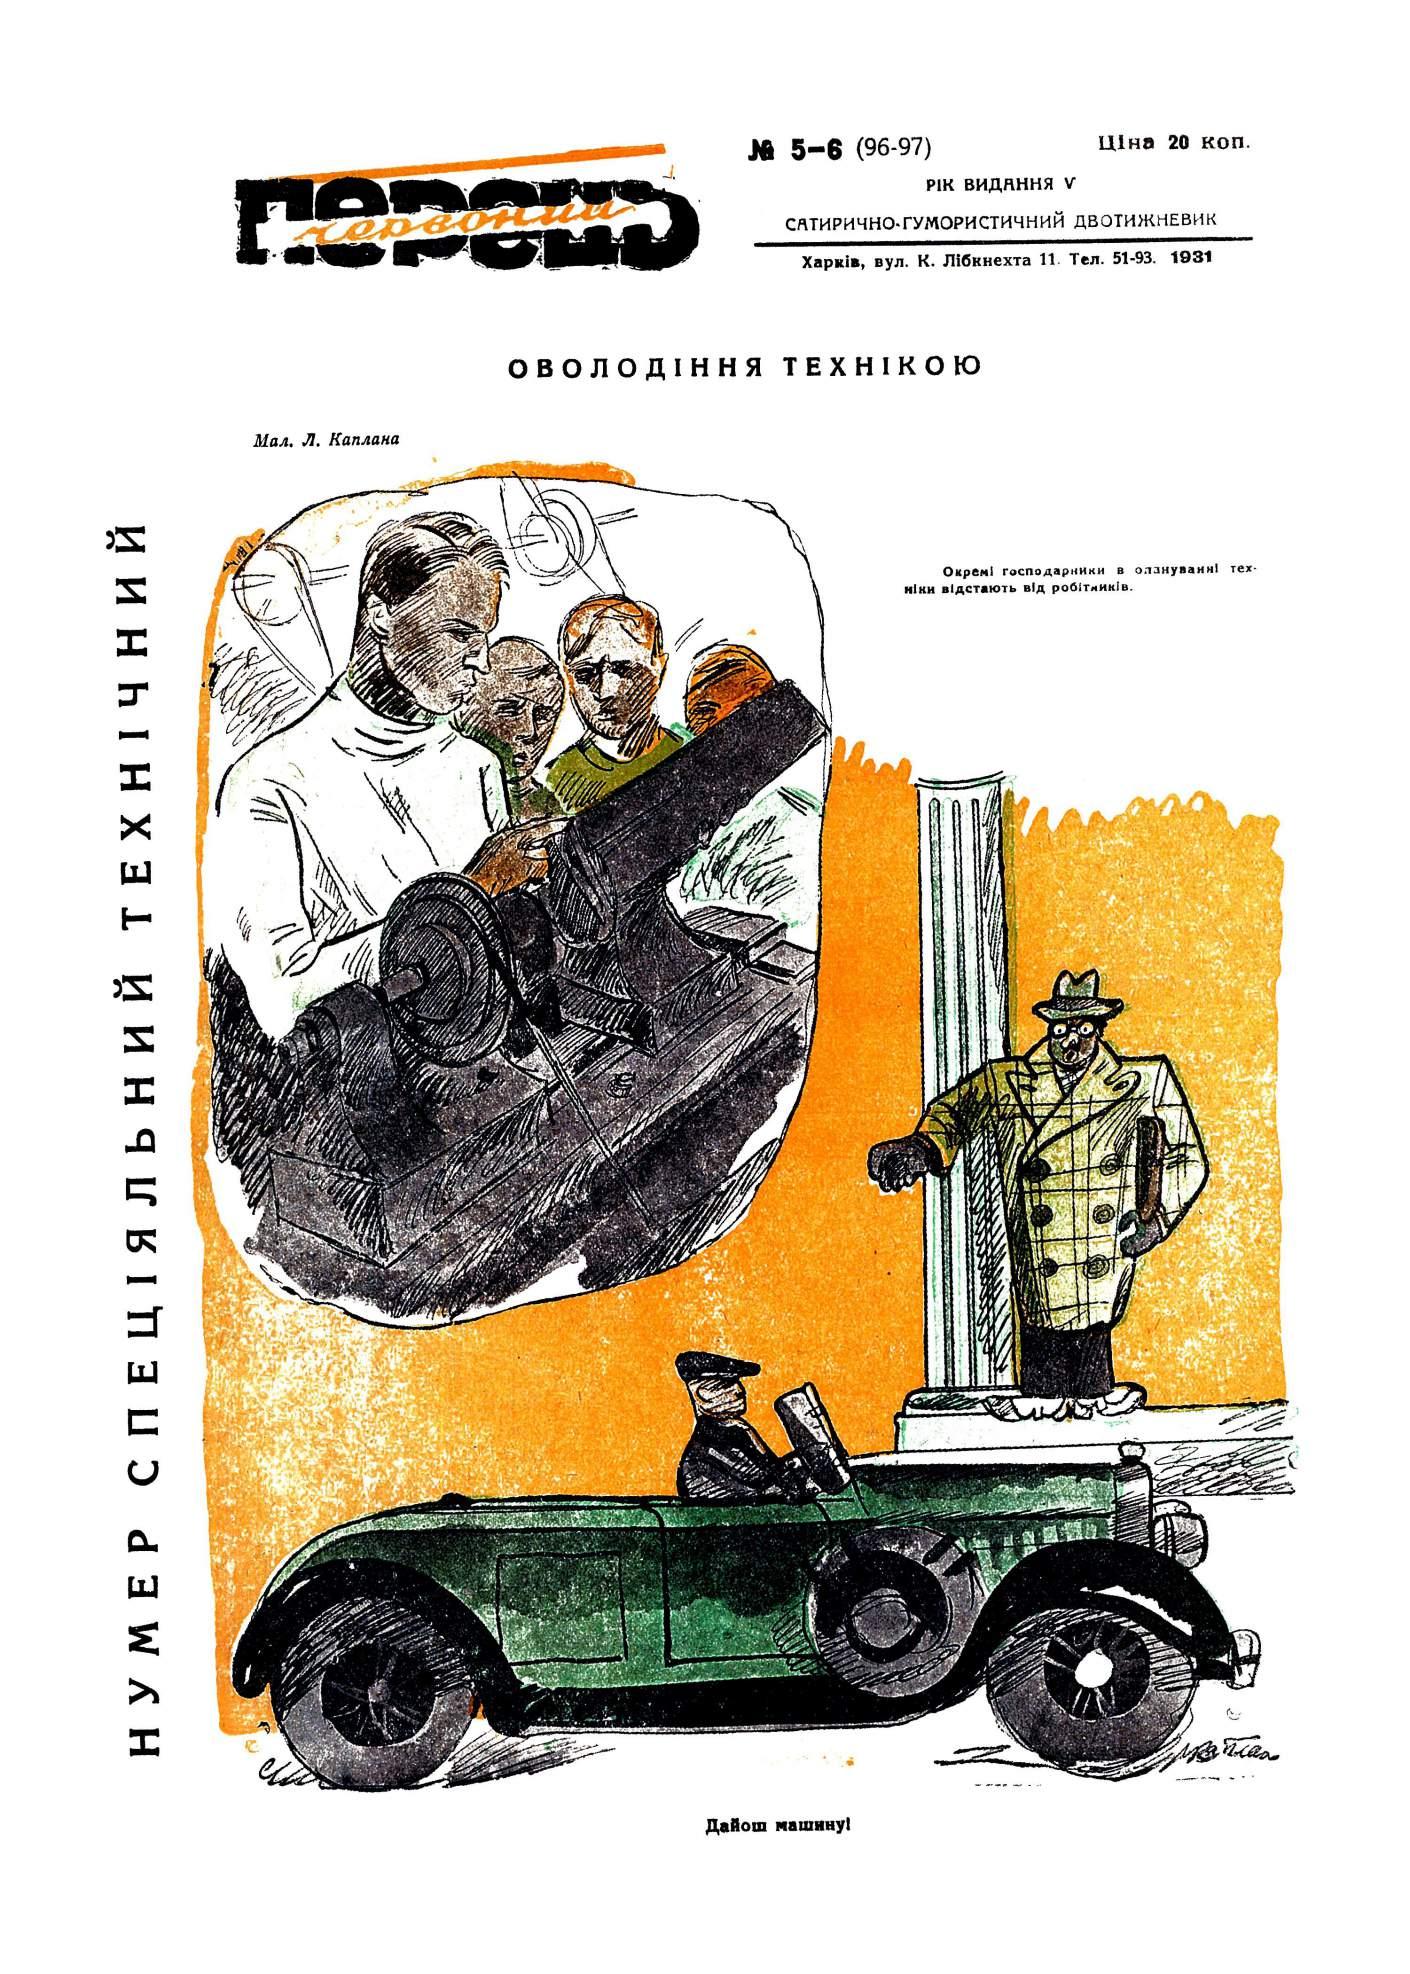 Журнал перець 1931 №05-06